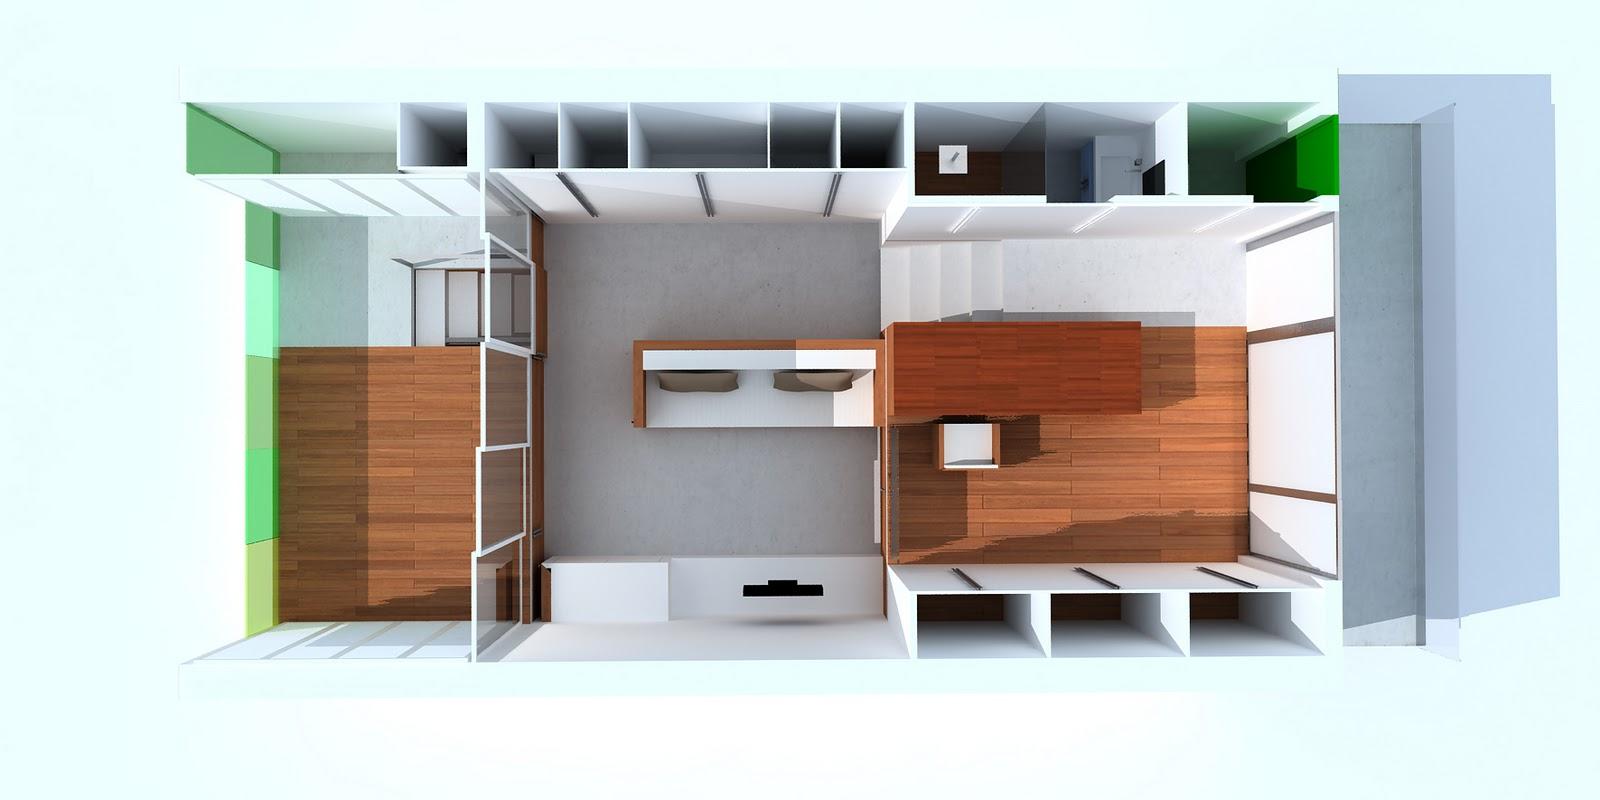 Estudio zep estudiar viviendo premio valencia en ix for Decoracion de casas de 36 metros cuadrados